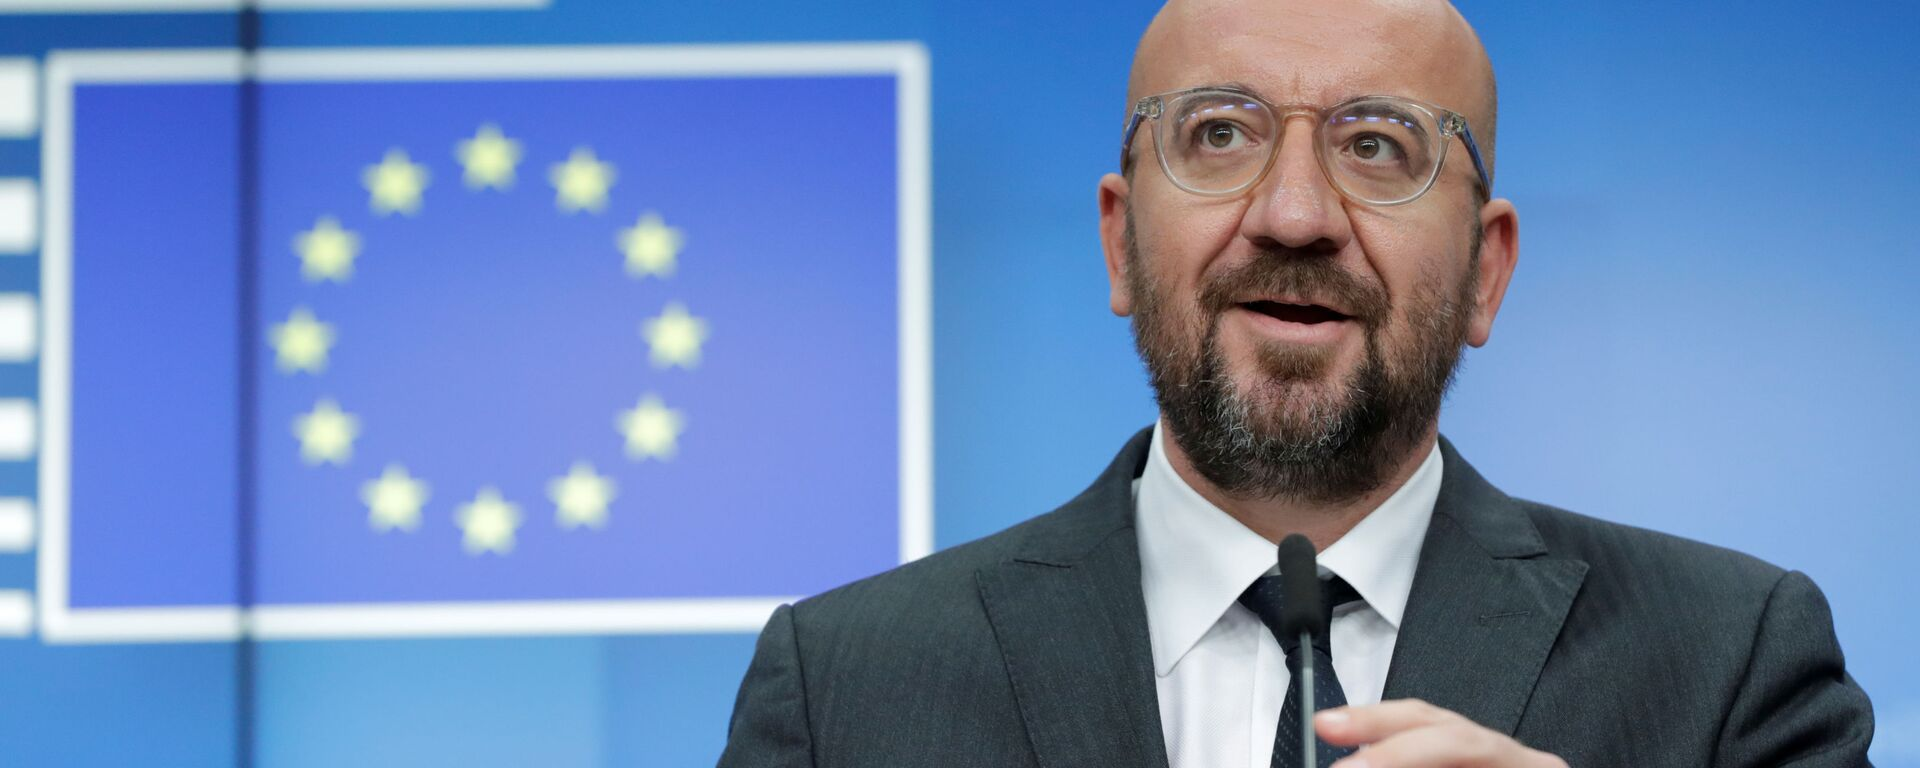 Szef Rady Europejskiej Charles Michel. - Sputnik Polska, 1920, 17.07.2021